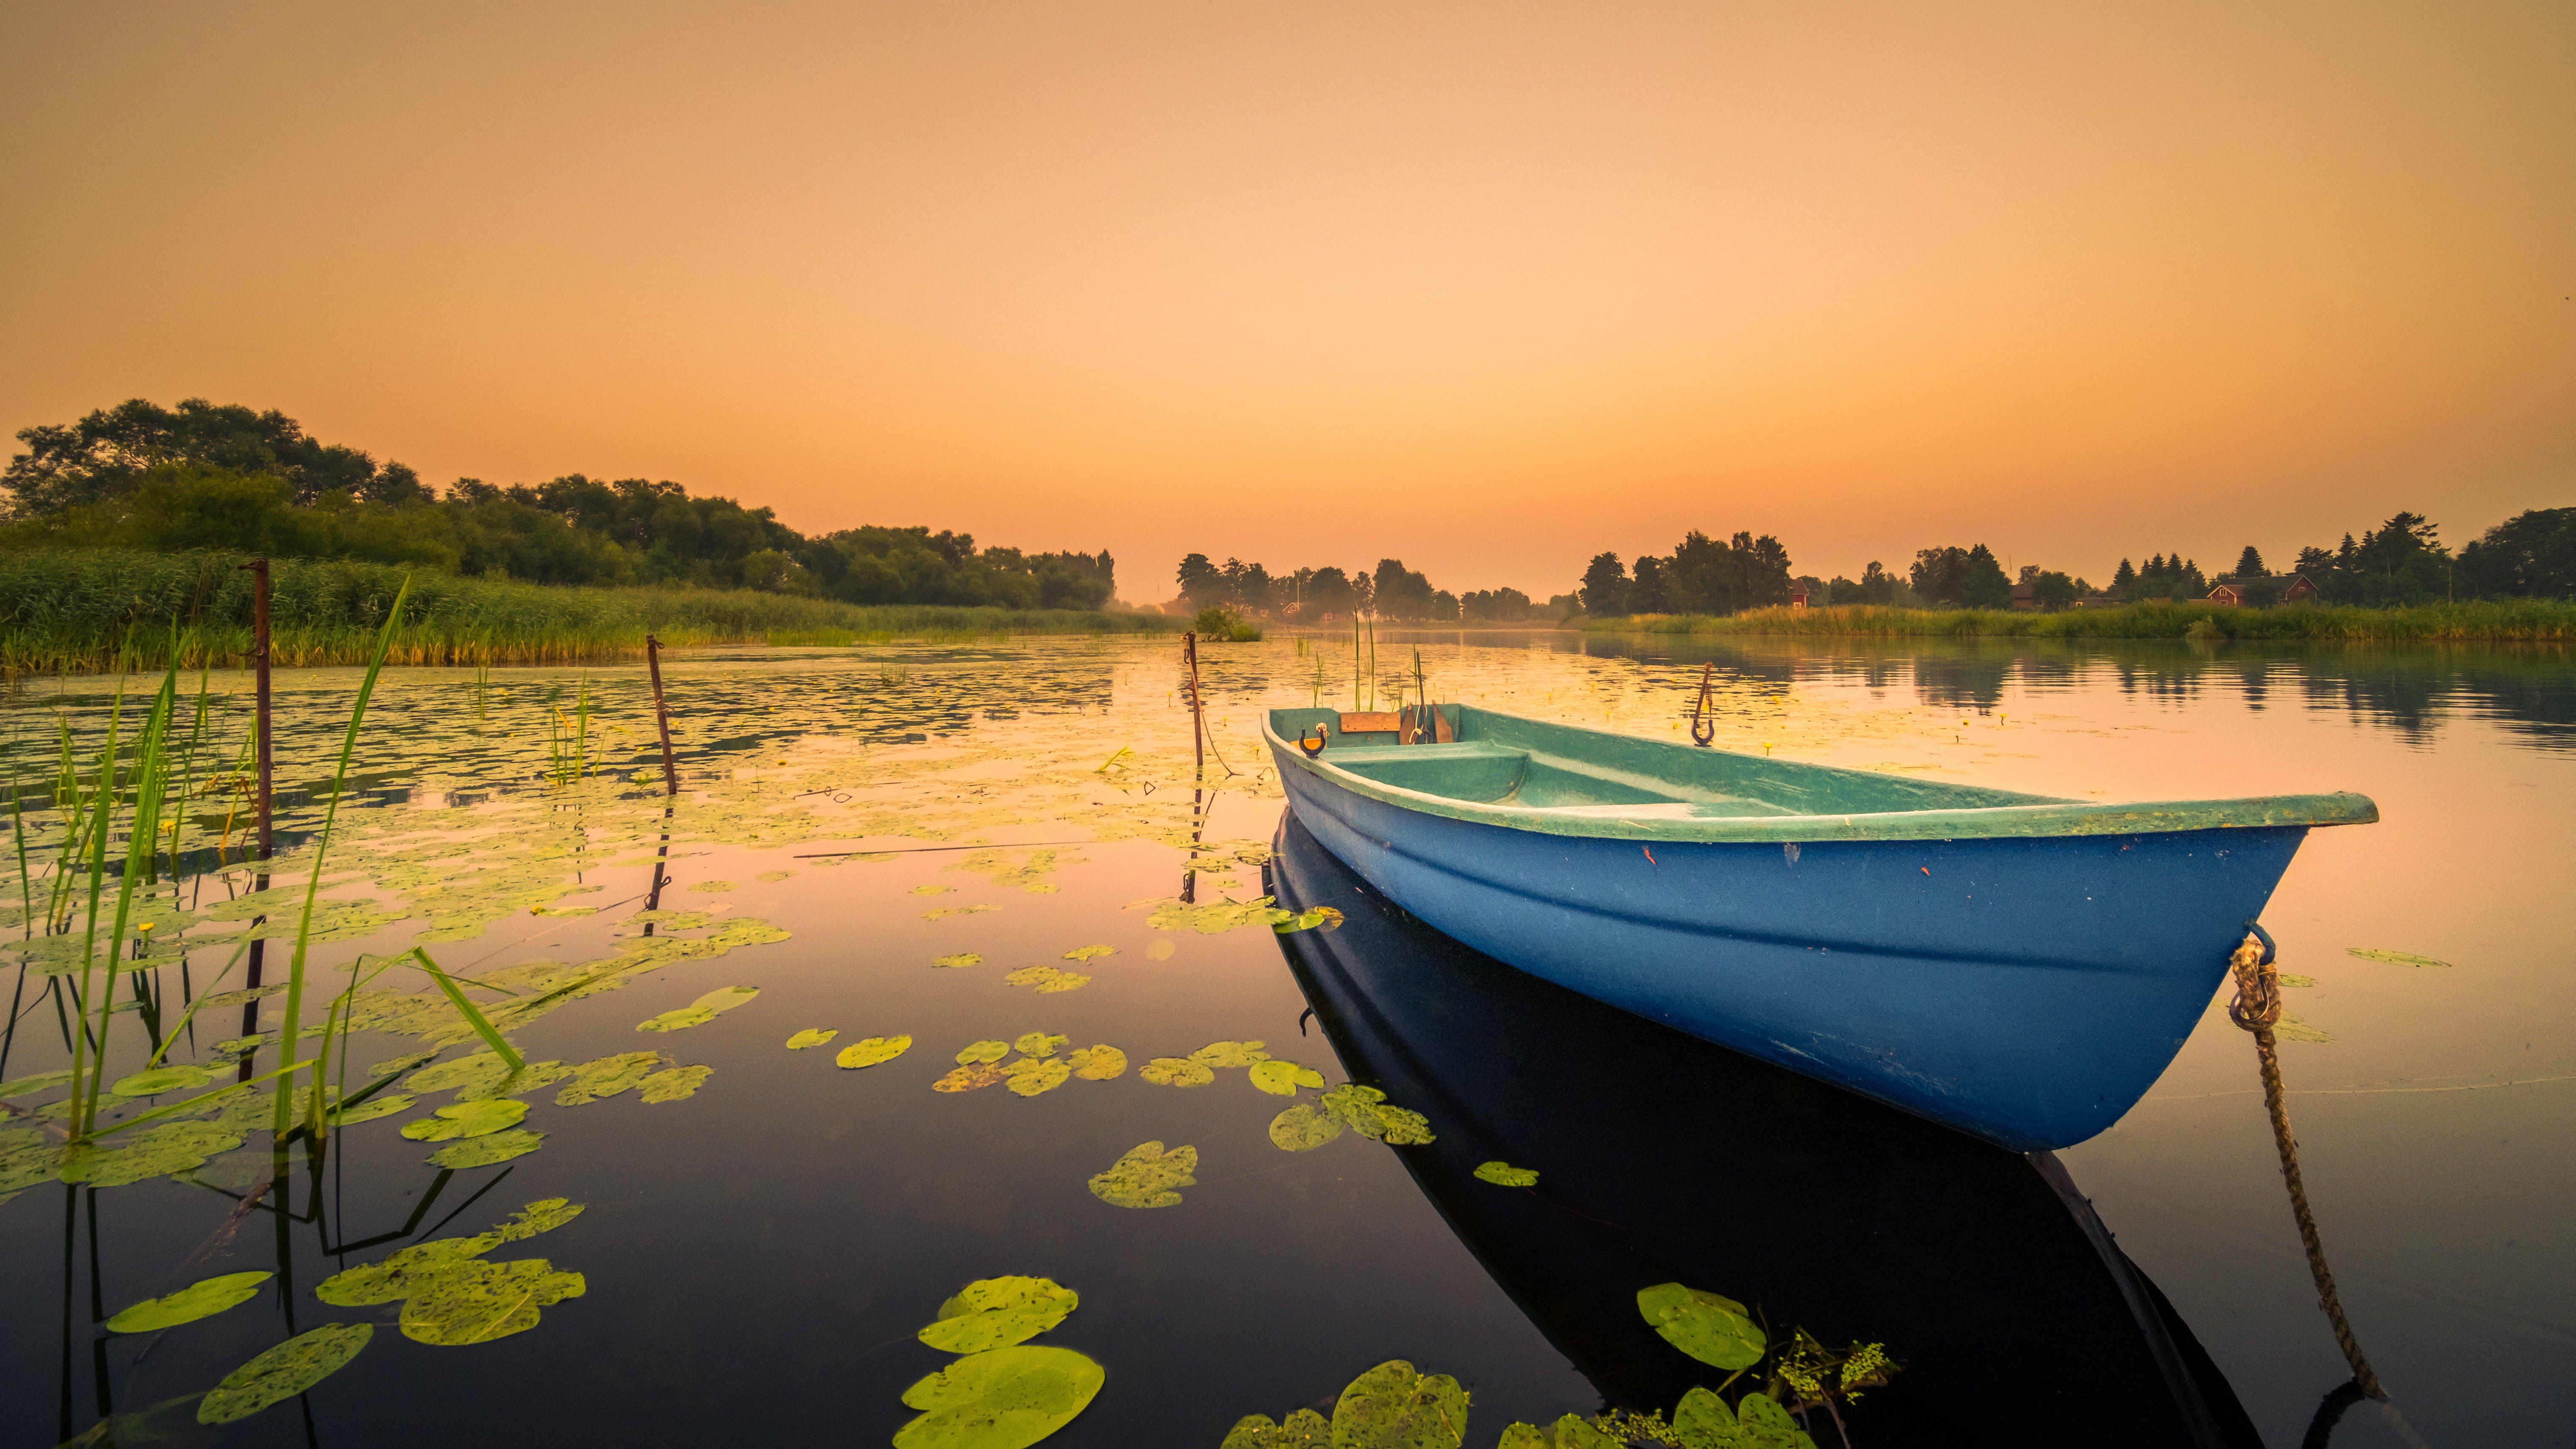 Fondos de pantalla Bote en lago